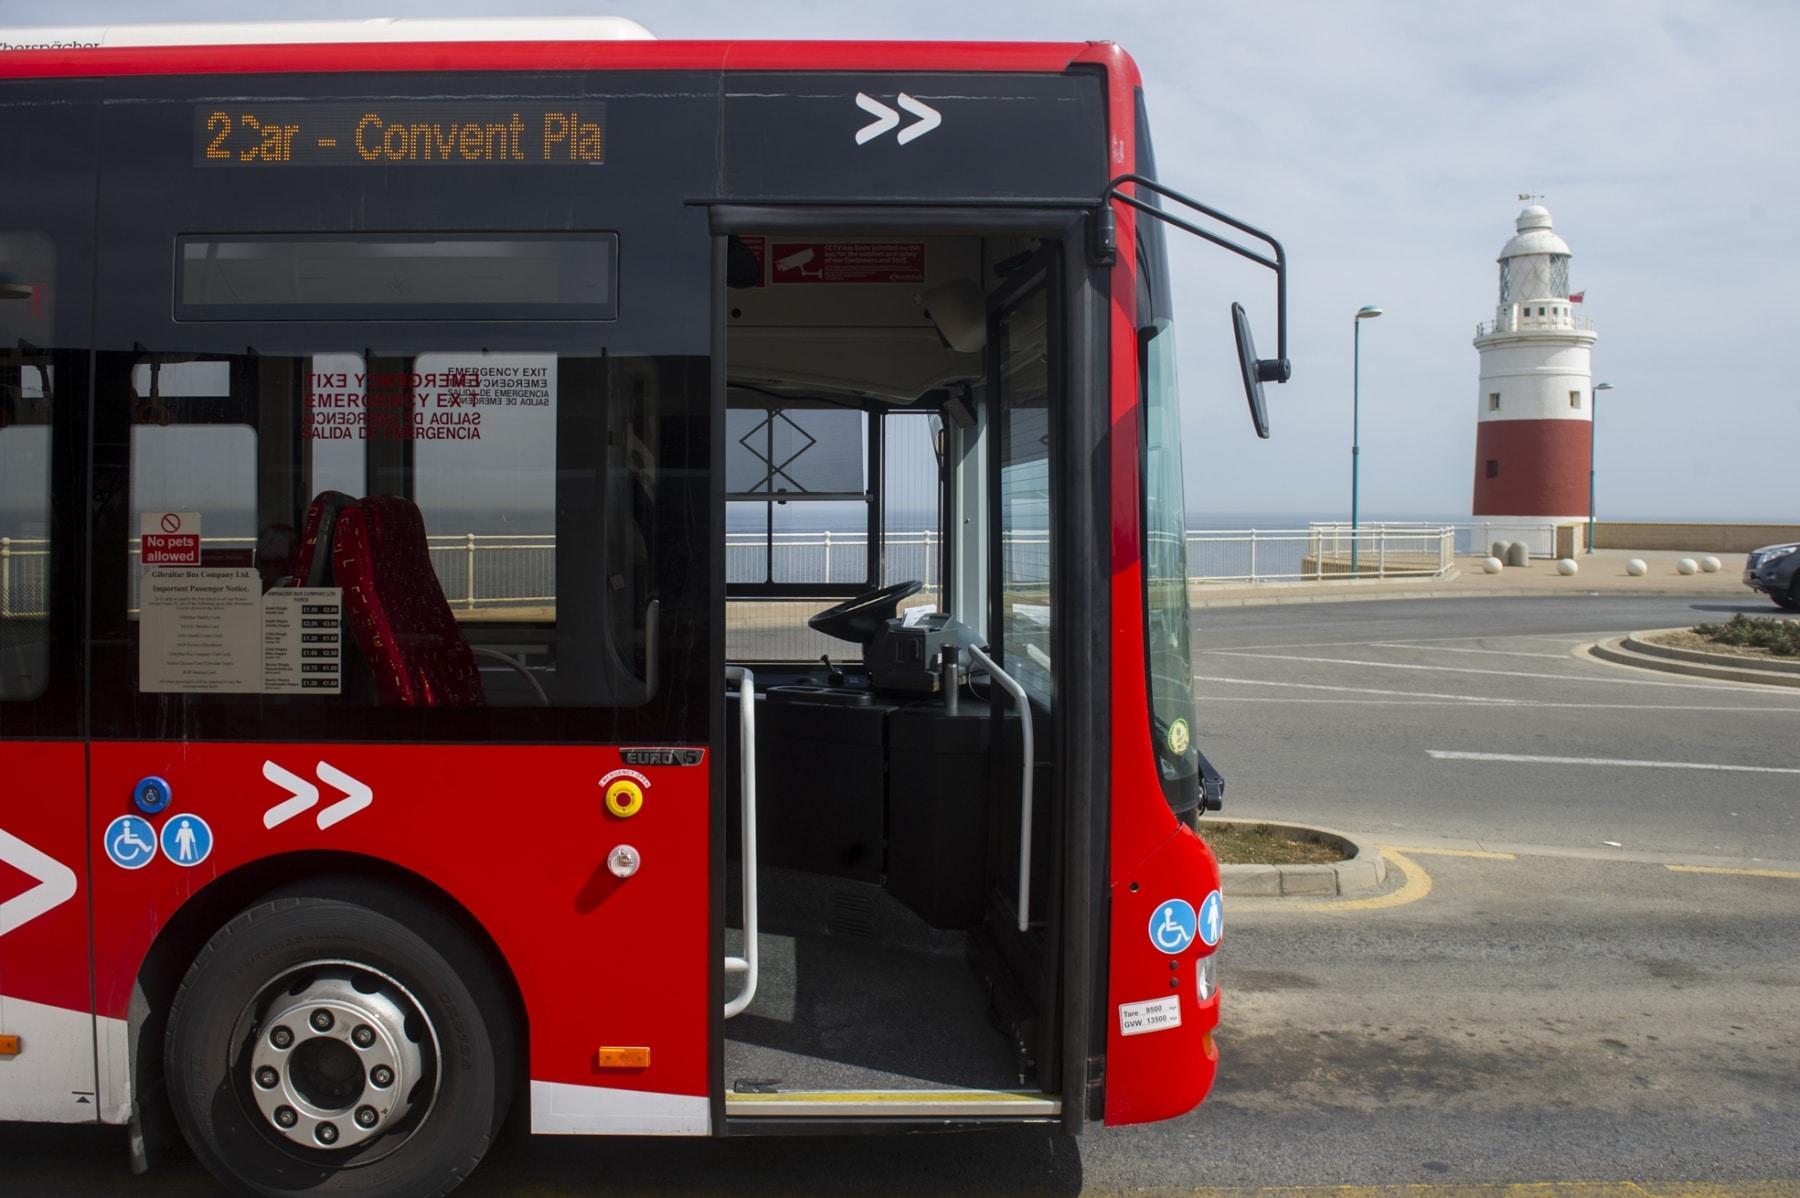 turismo-en-gibraltar-092015-665_22717427306_o